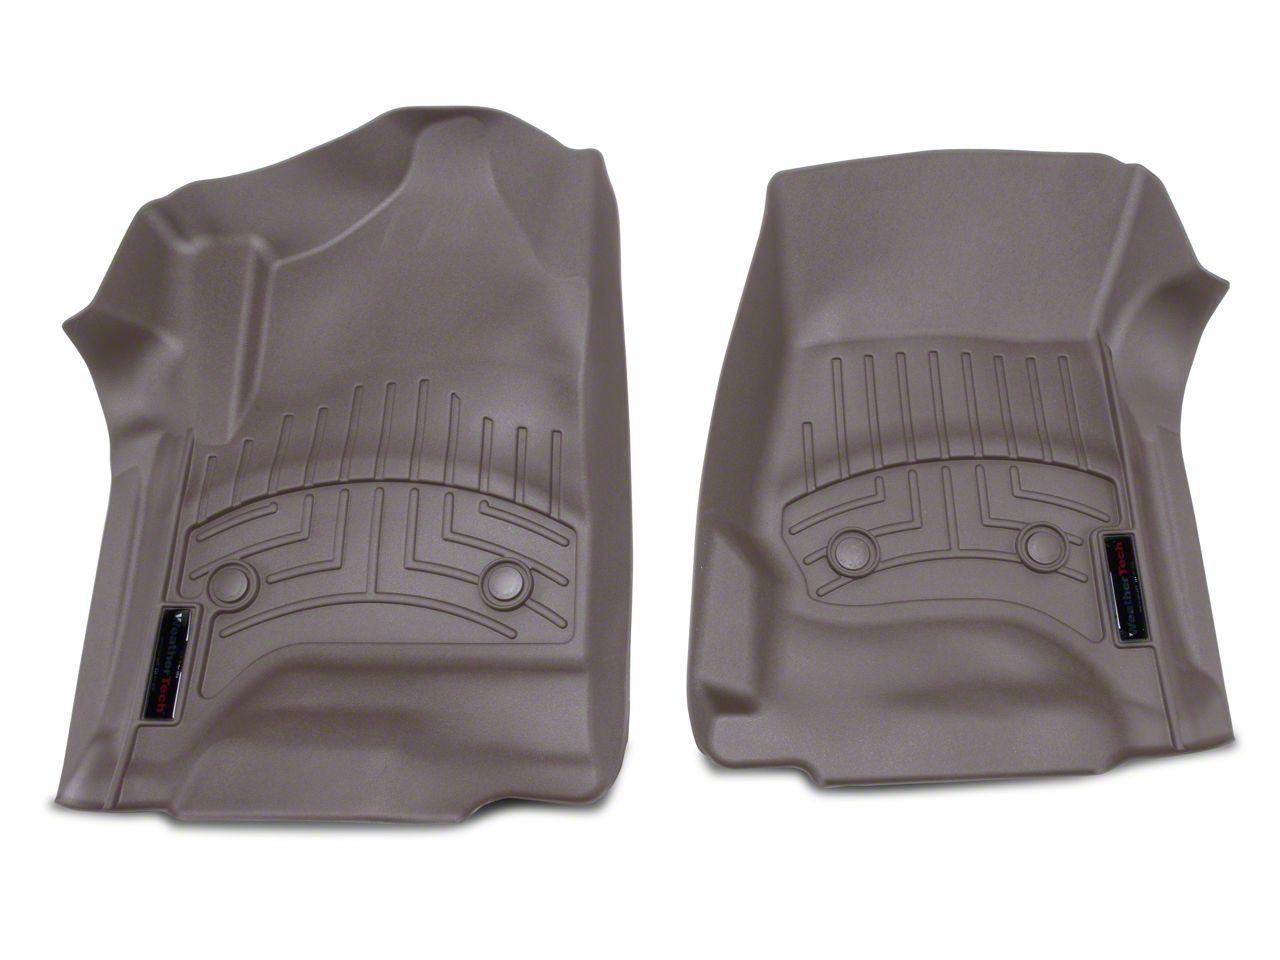 Weathertech DigitalFit Front Floor Mats - Cocoa (14-18 Silverado 1500 Double Cab